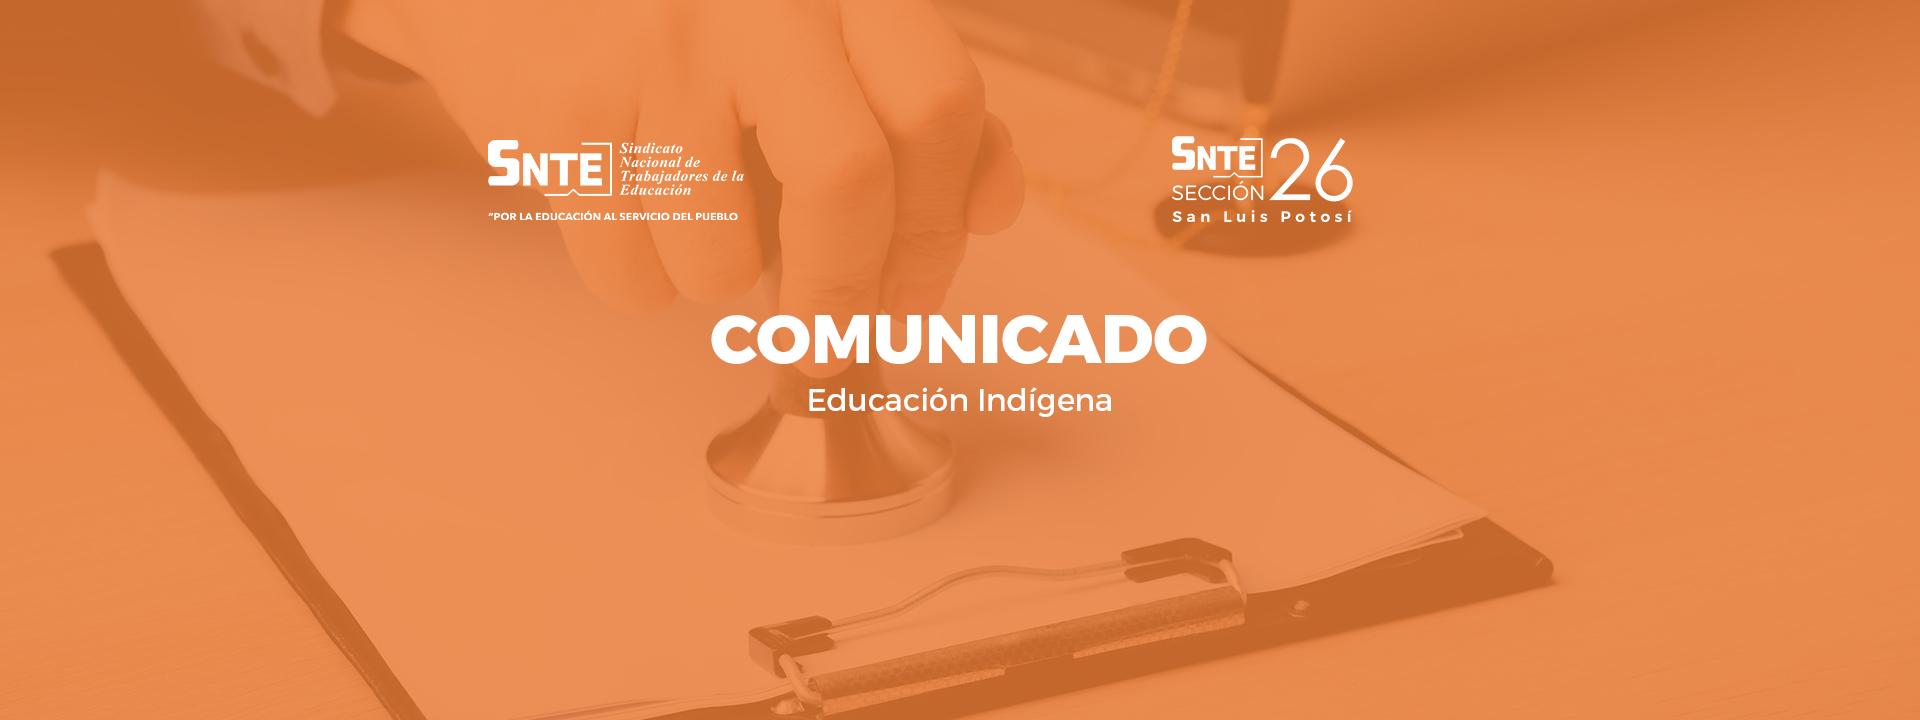 Comunicado | Educación Indígena